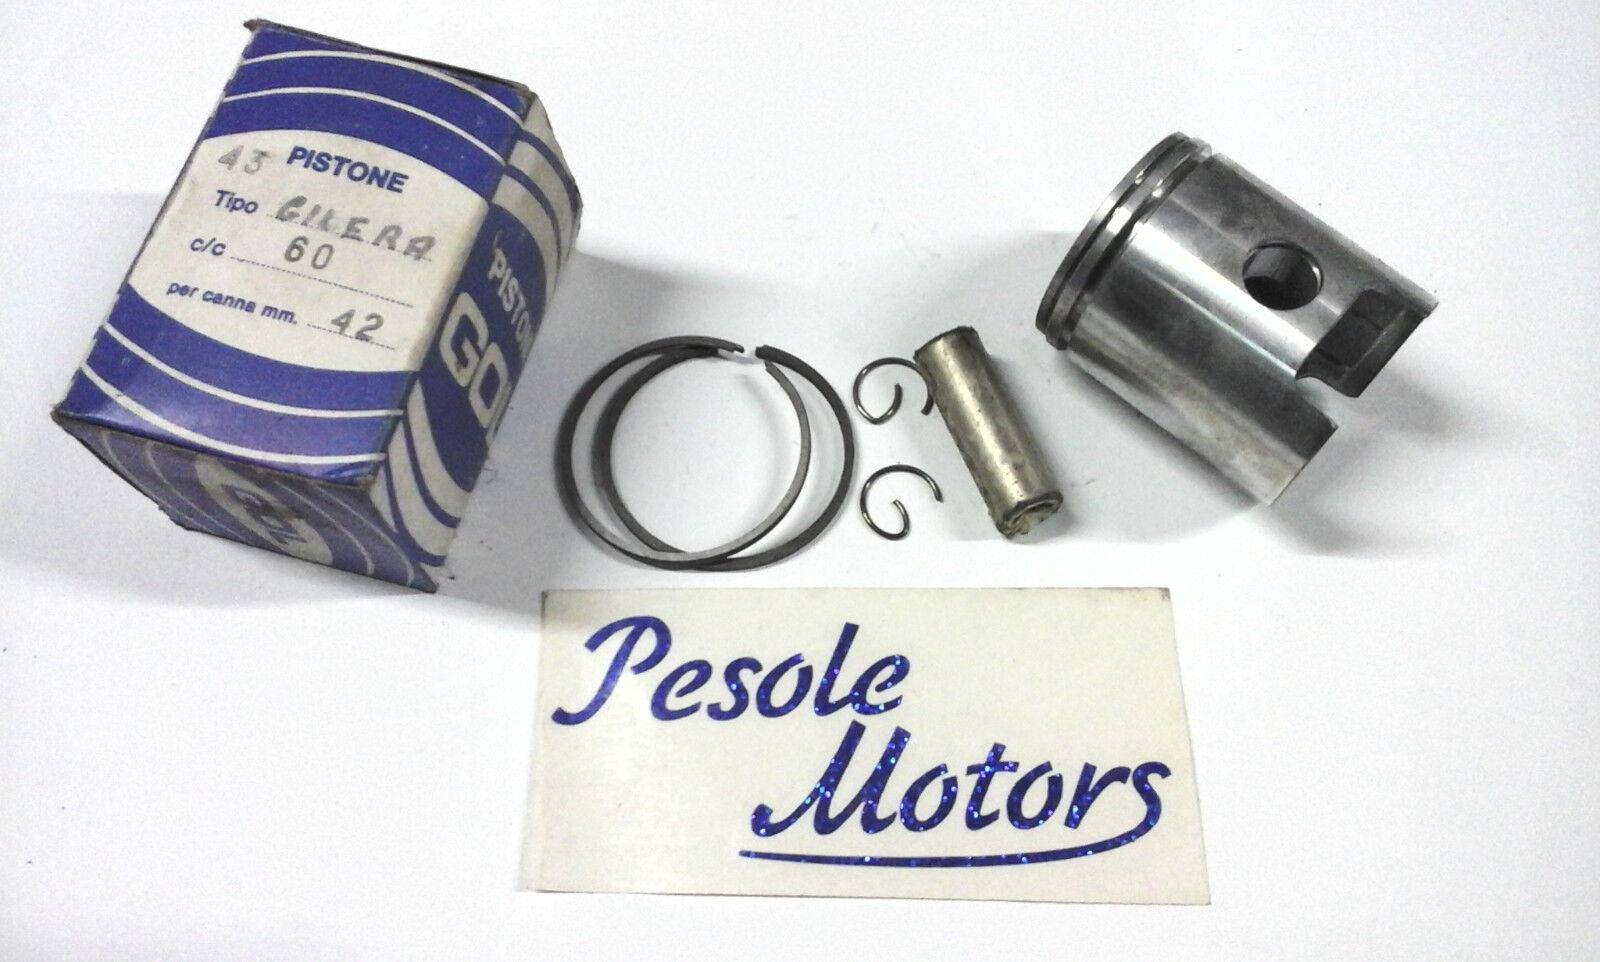 Pistone piston kolben gilera cc50   60 diametro 42 anni 70